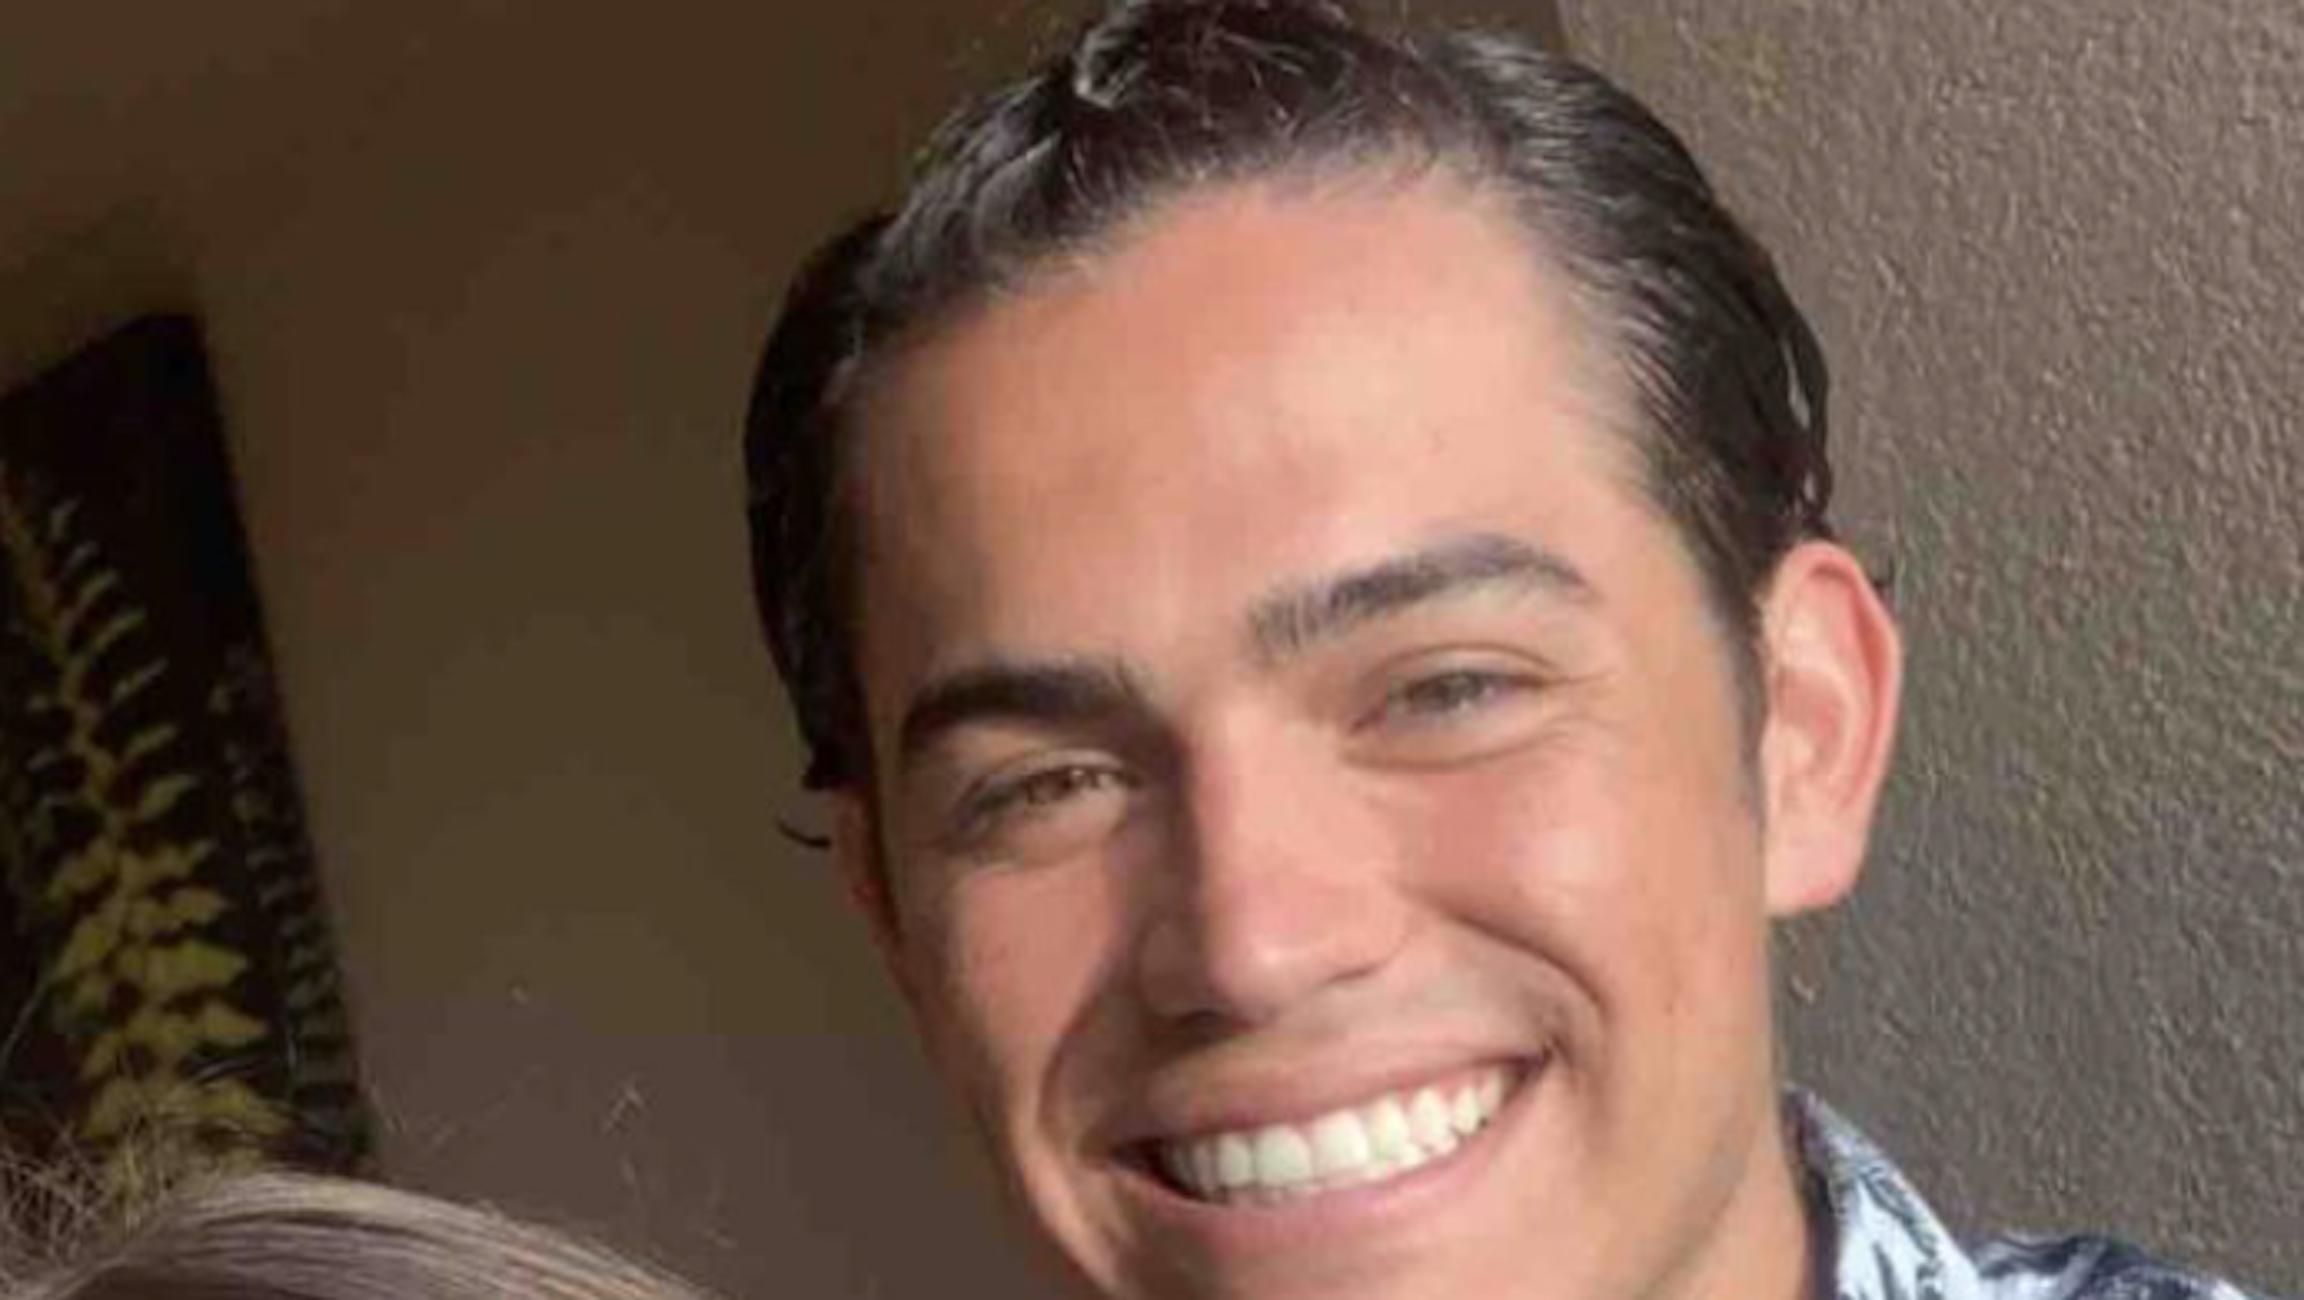 Anthony Barajas